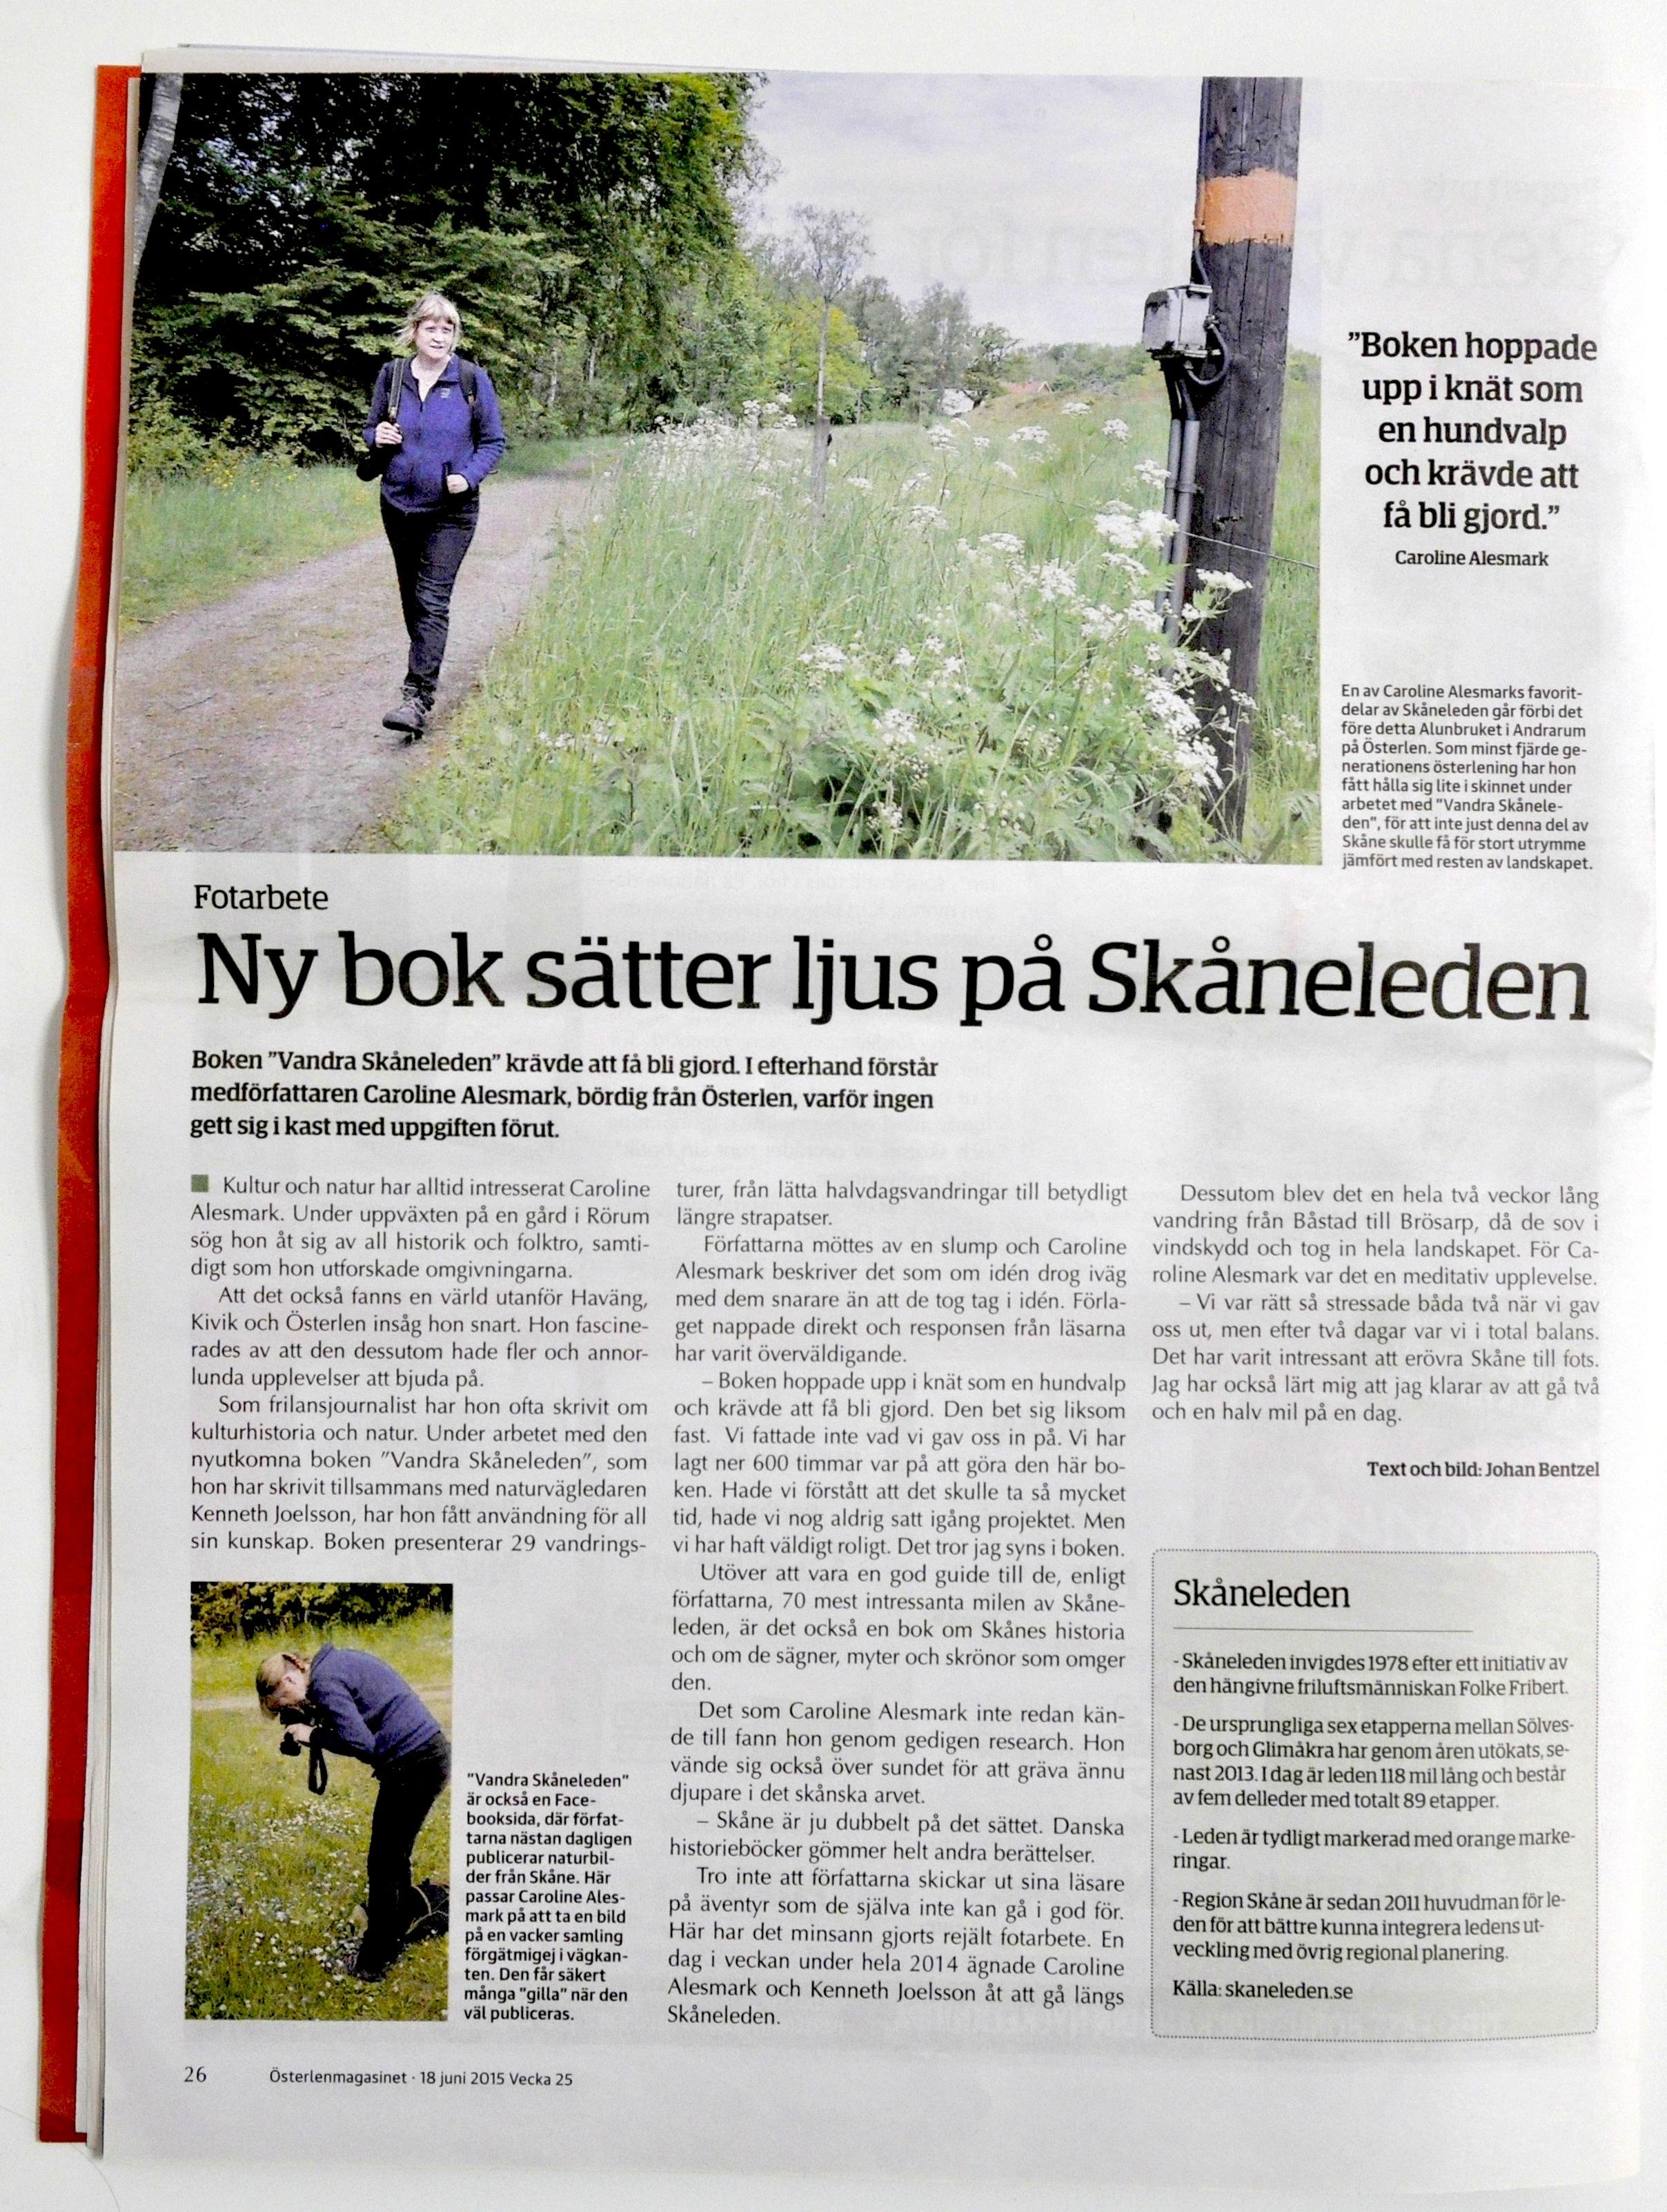 Vandra Skåneleden Österlenmagasinet 2015.jpg